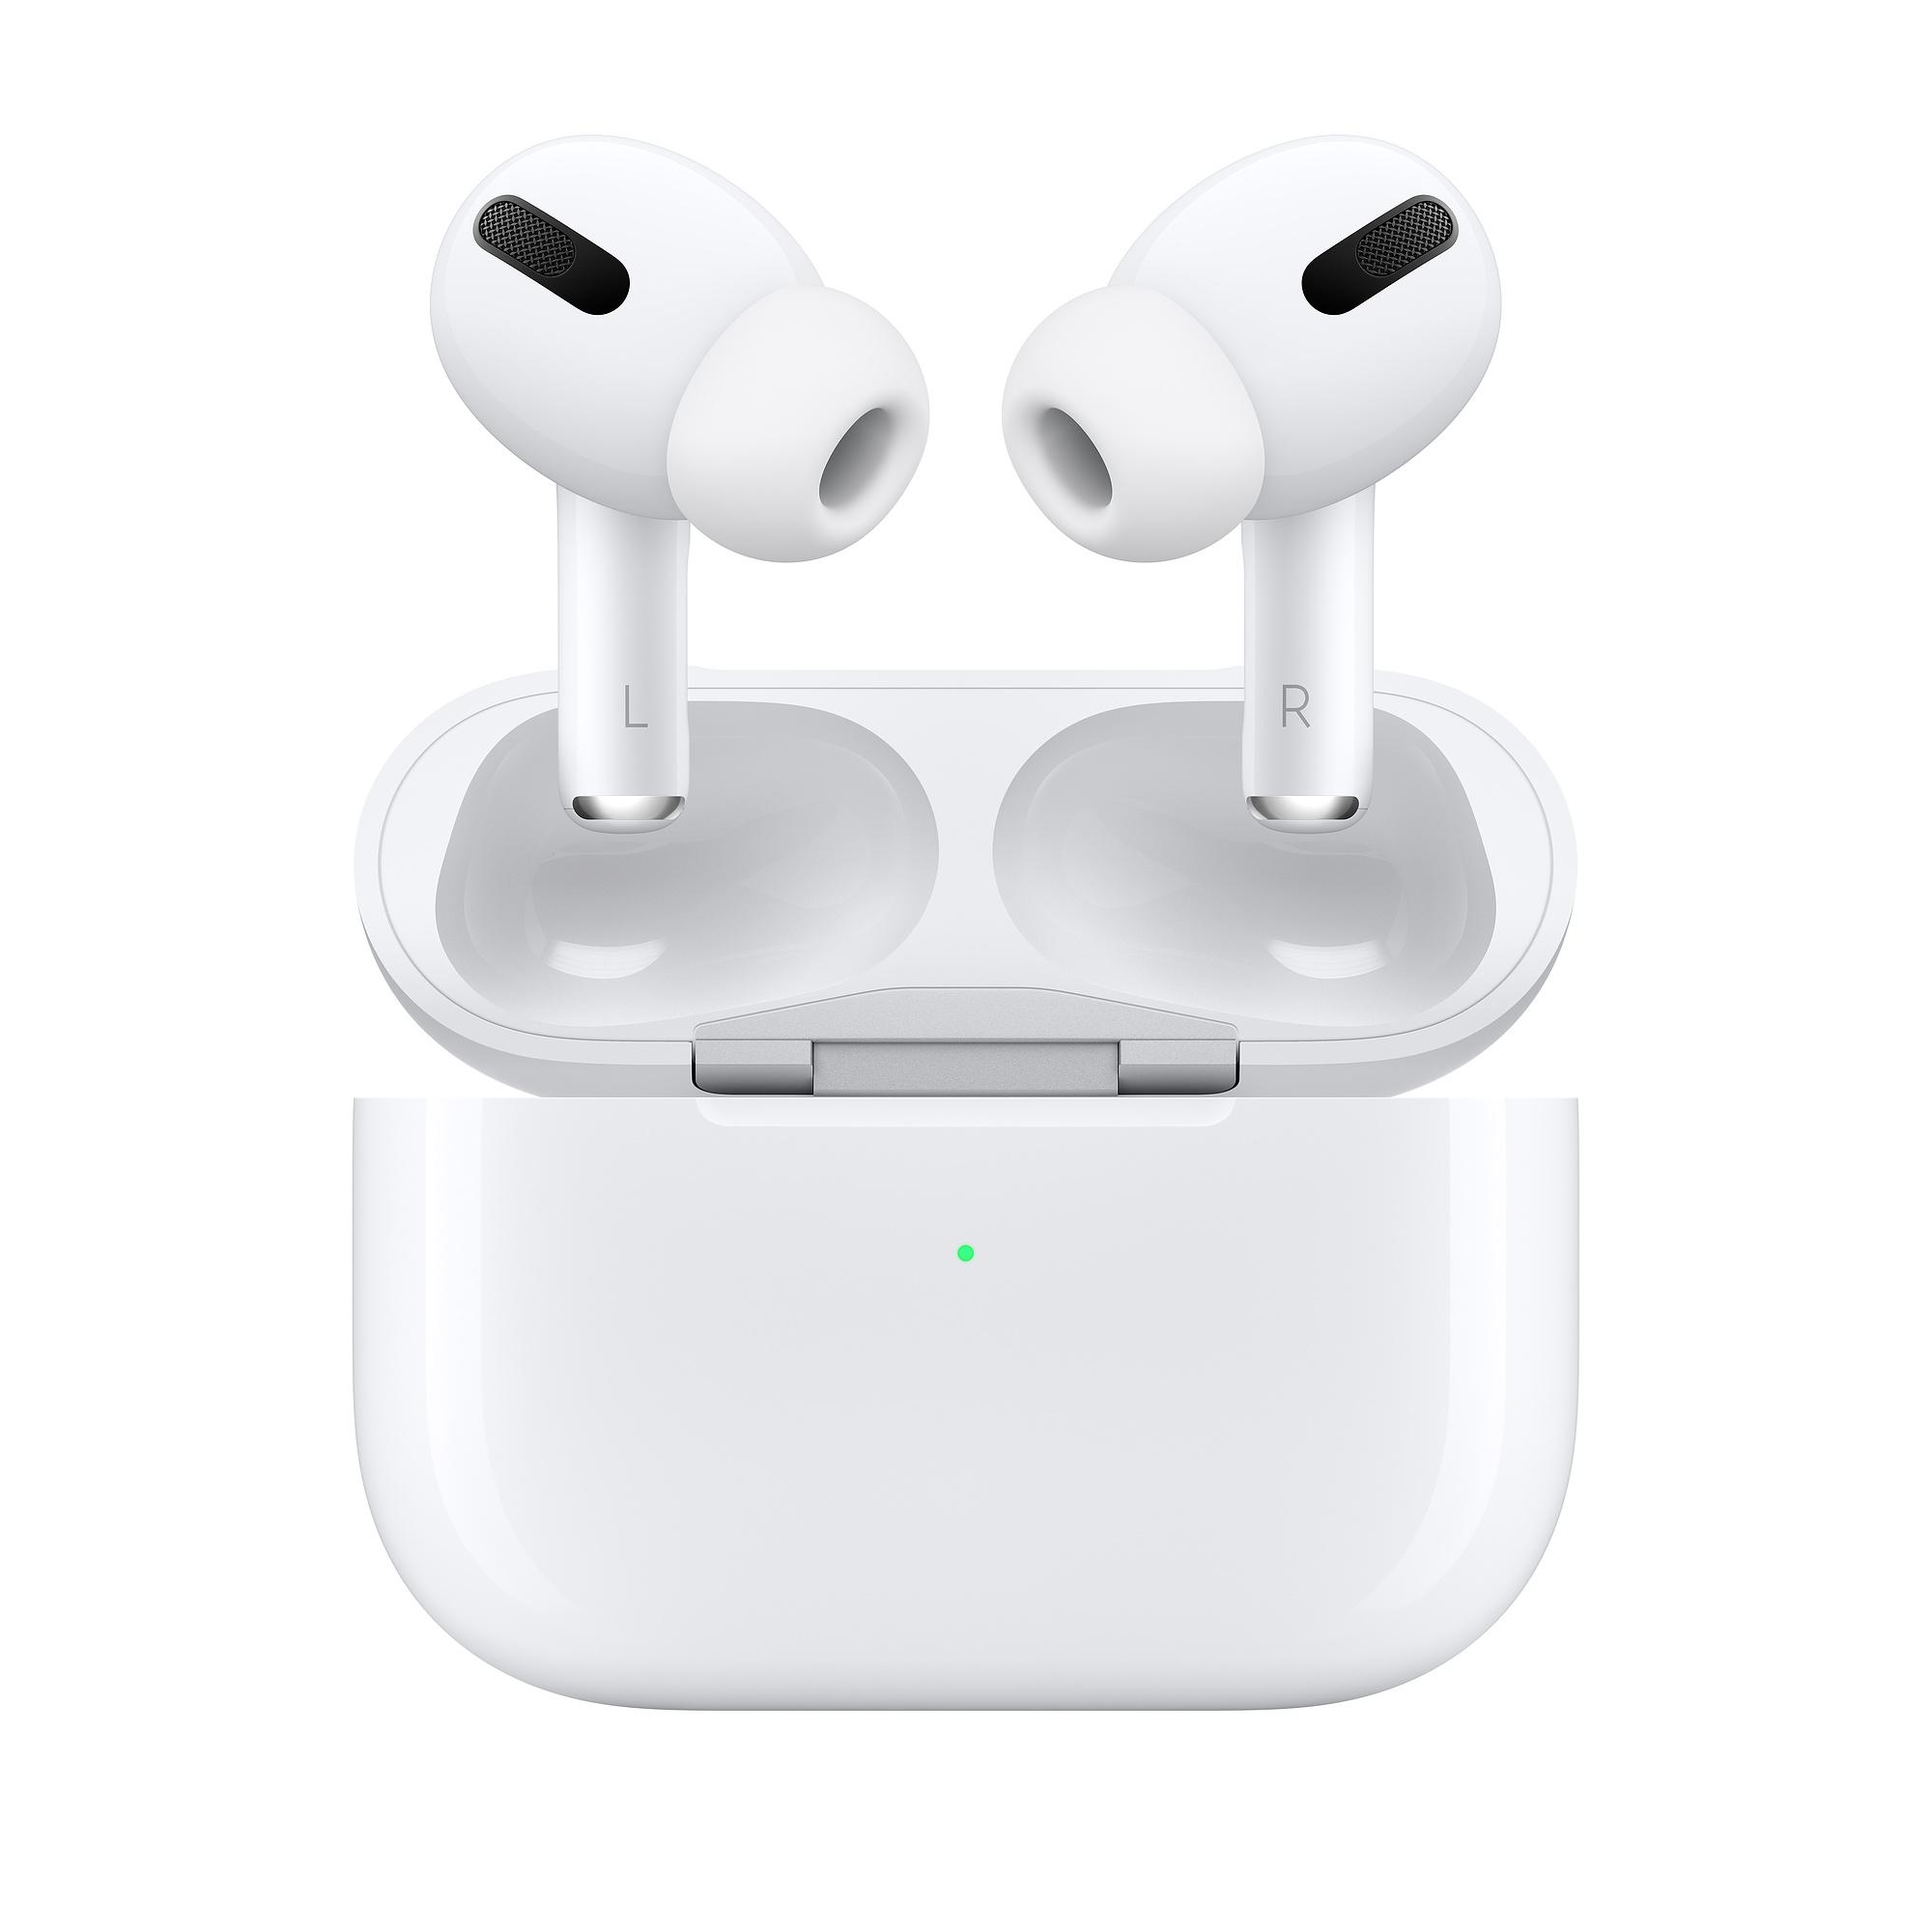 Apple AirPods Pro recensione: cancellazione del rumore e qualità audio spettacolare thumbnail